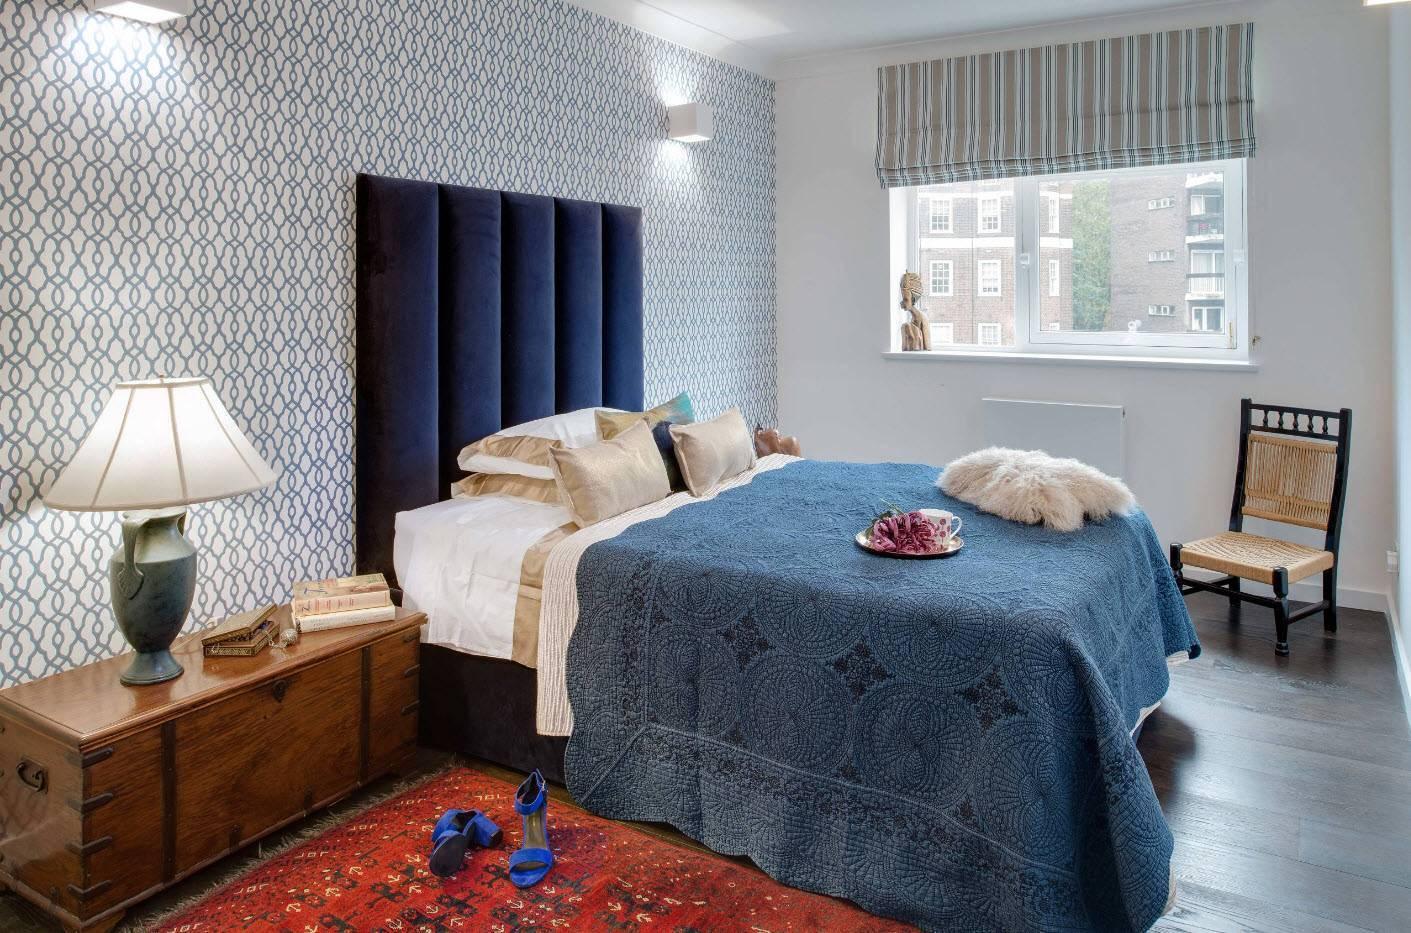 Какие обои наклеить в спальне: виды материала и цвет